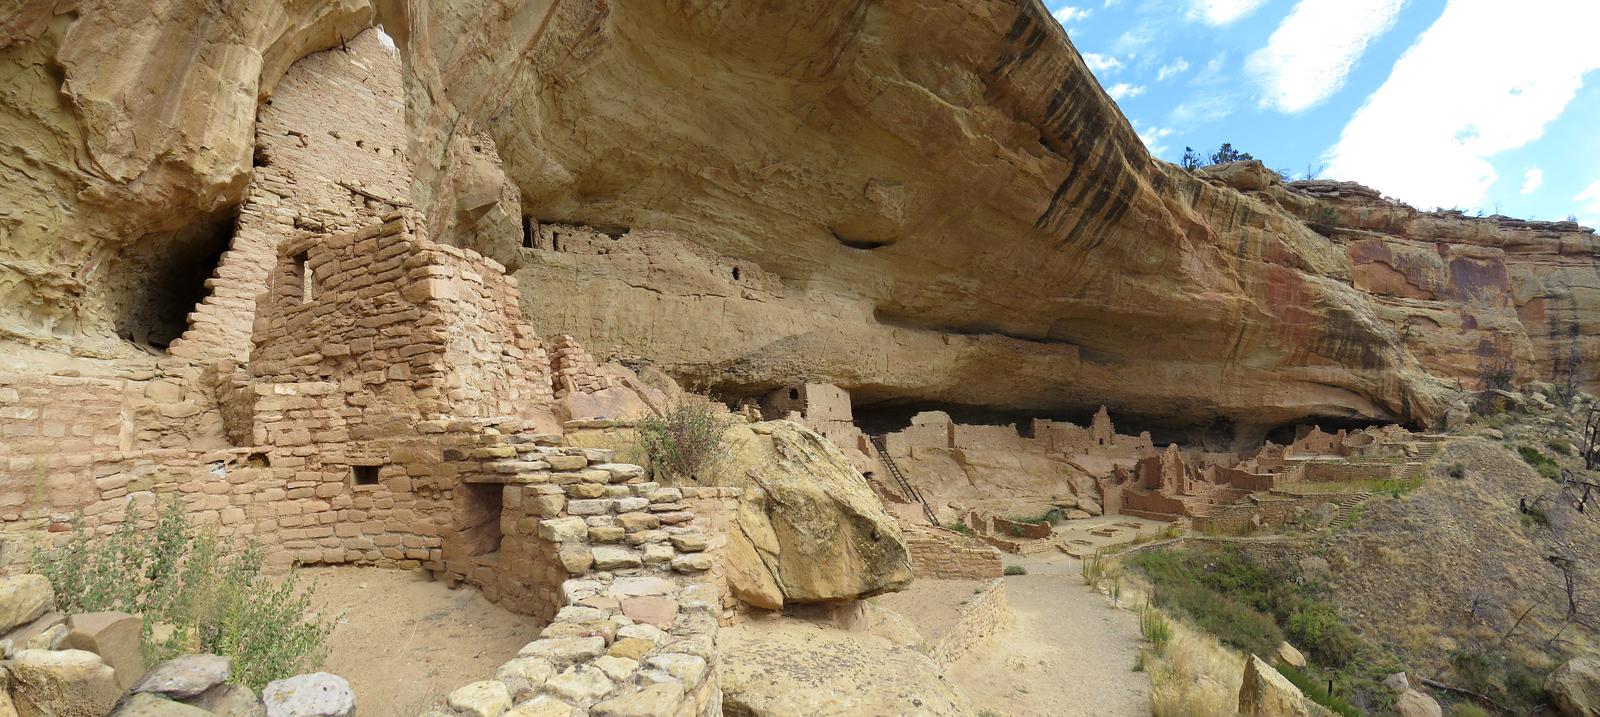 IMAGE: https://photos.smugmug.com/Travel/United-States/US-Southwest/Utah-Colorado-2016/Mesa-Verde-Long-House/i-5BCWmFk/1/e536a834/X3/UT-CO_2016_p_A%20%281500%29-X3.jpg